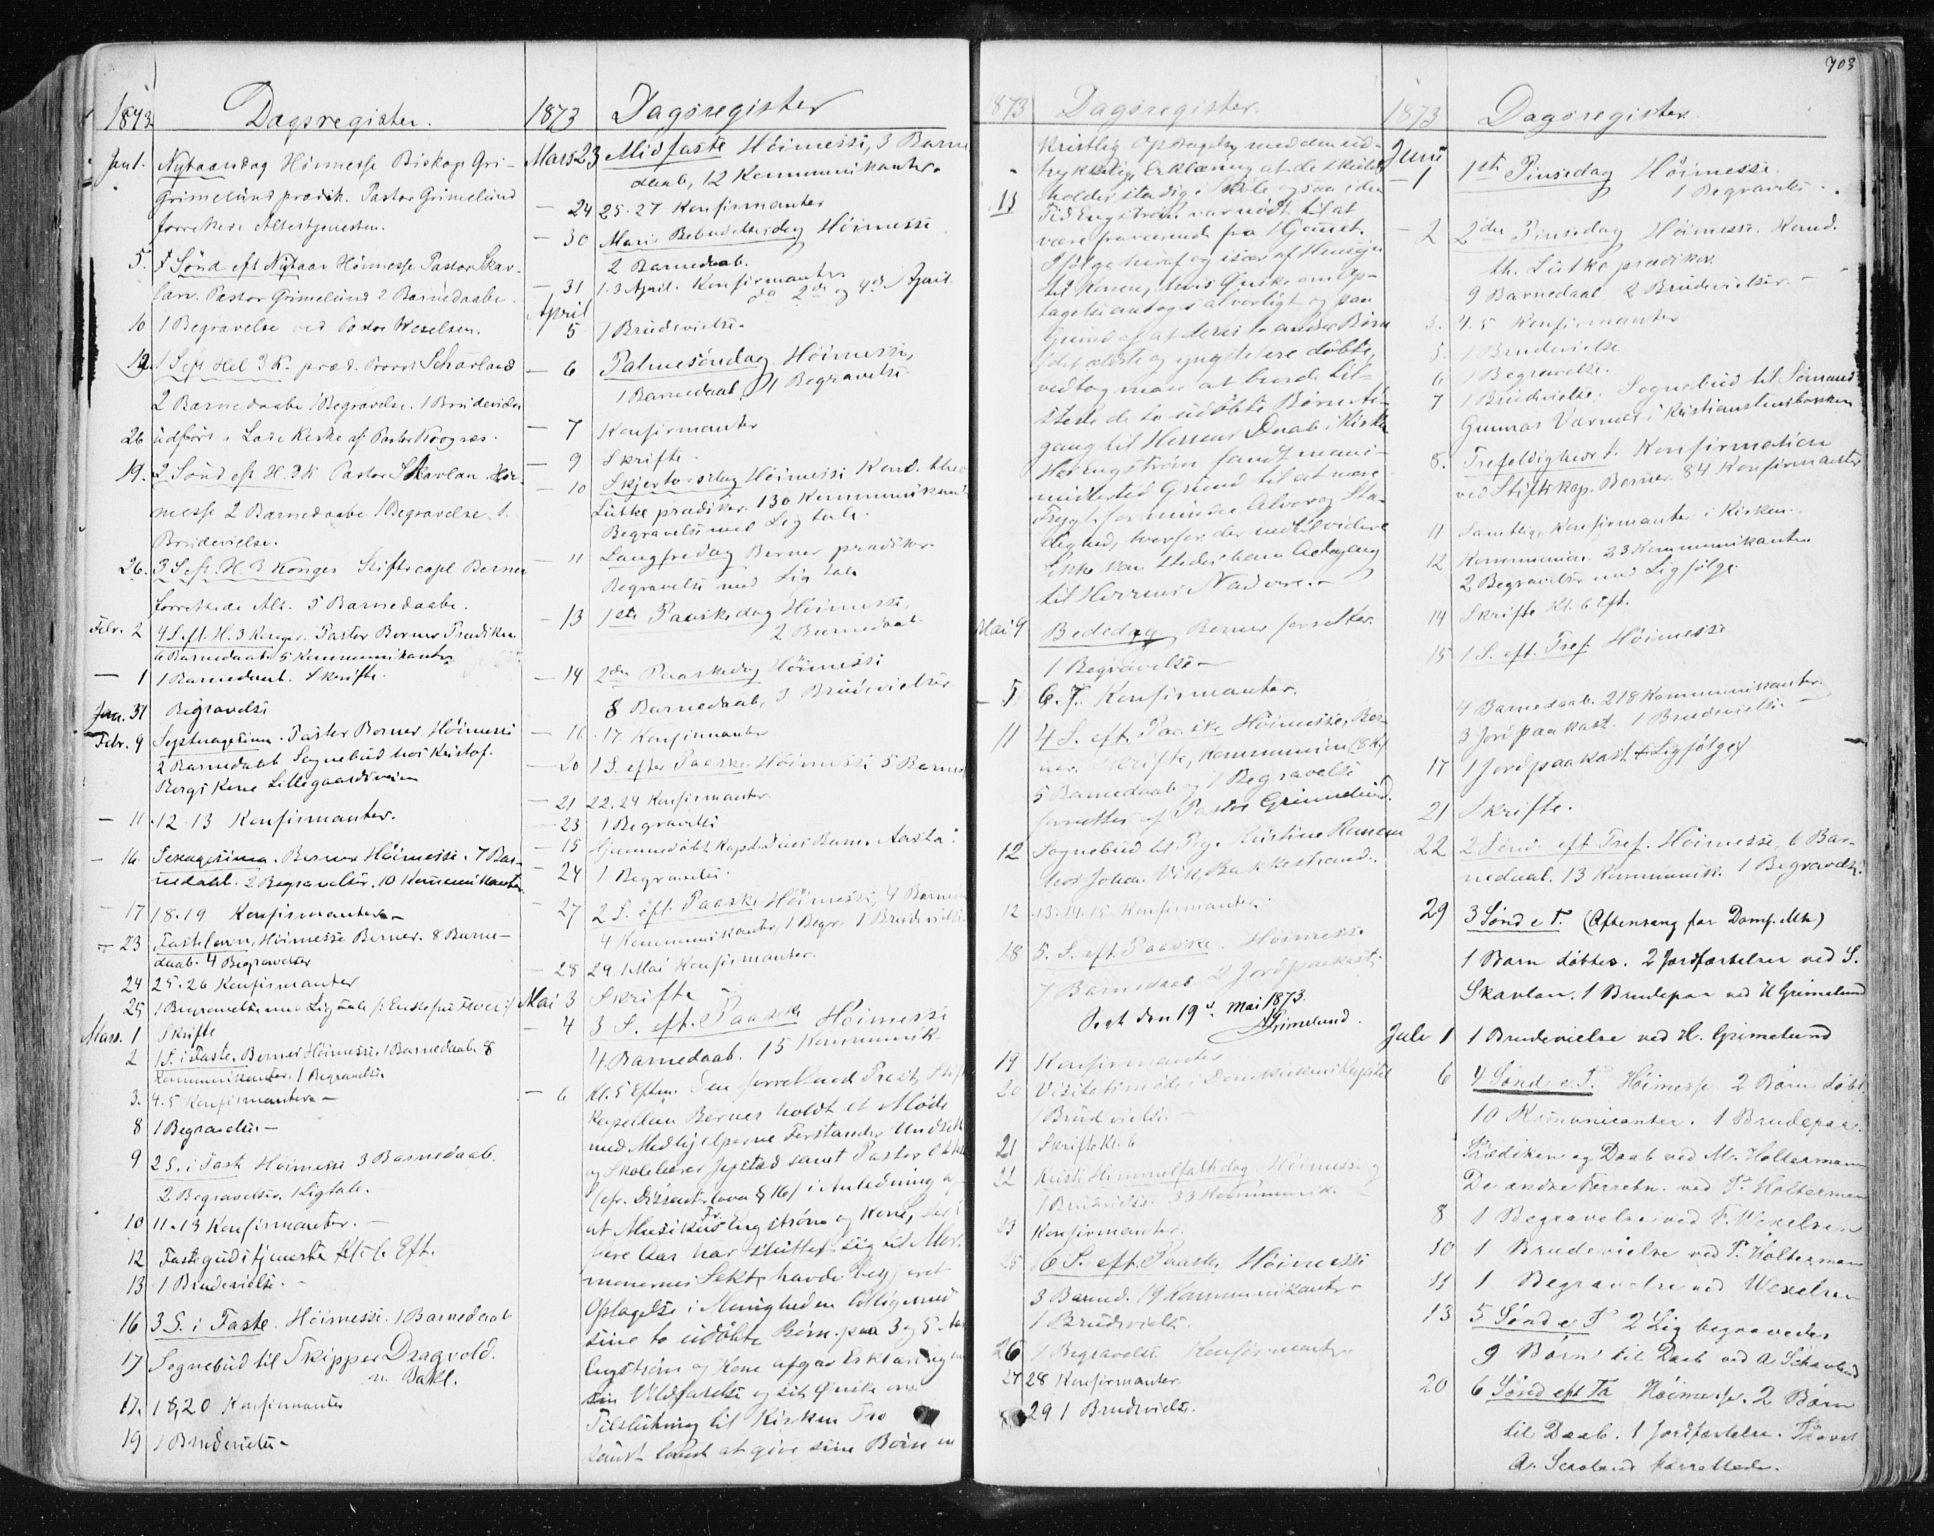 SAT, Ministerialprotokoller, klokkerbøker og fødselsregistre - Sør-Trøndelag, 604/L0186: Ministerialbok nr. 604A07, 1866-1877, s. 703